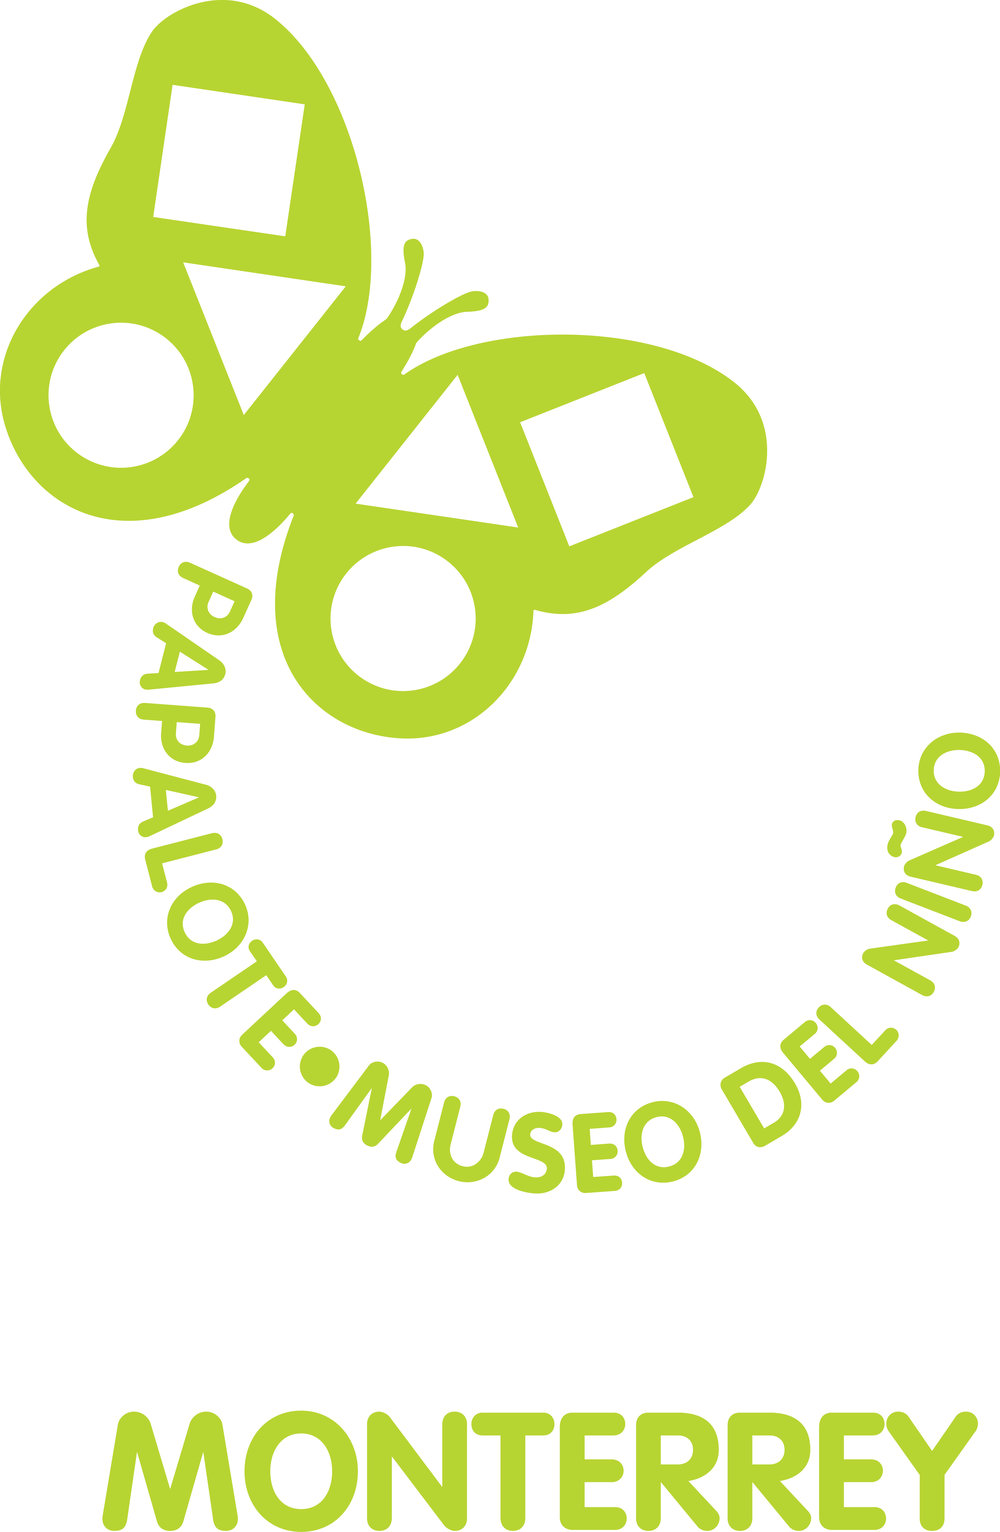 LOGO PAPALOTE MUSEO DEL NINŽO MONTERREY A.JPG